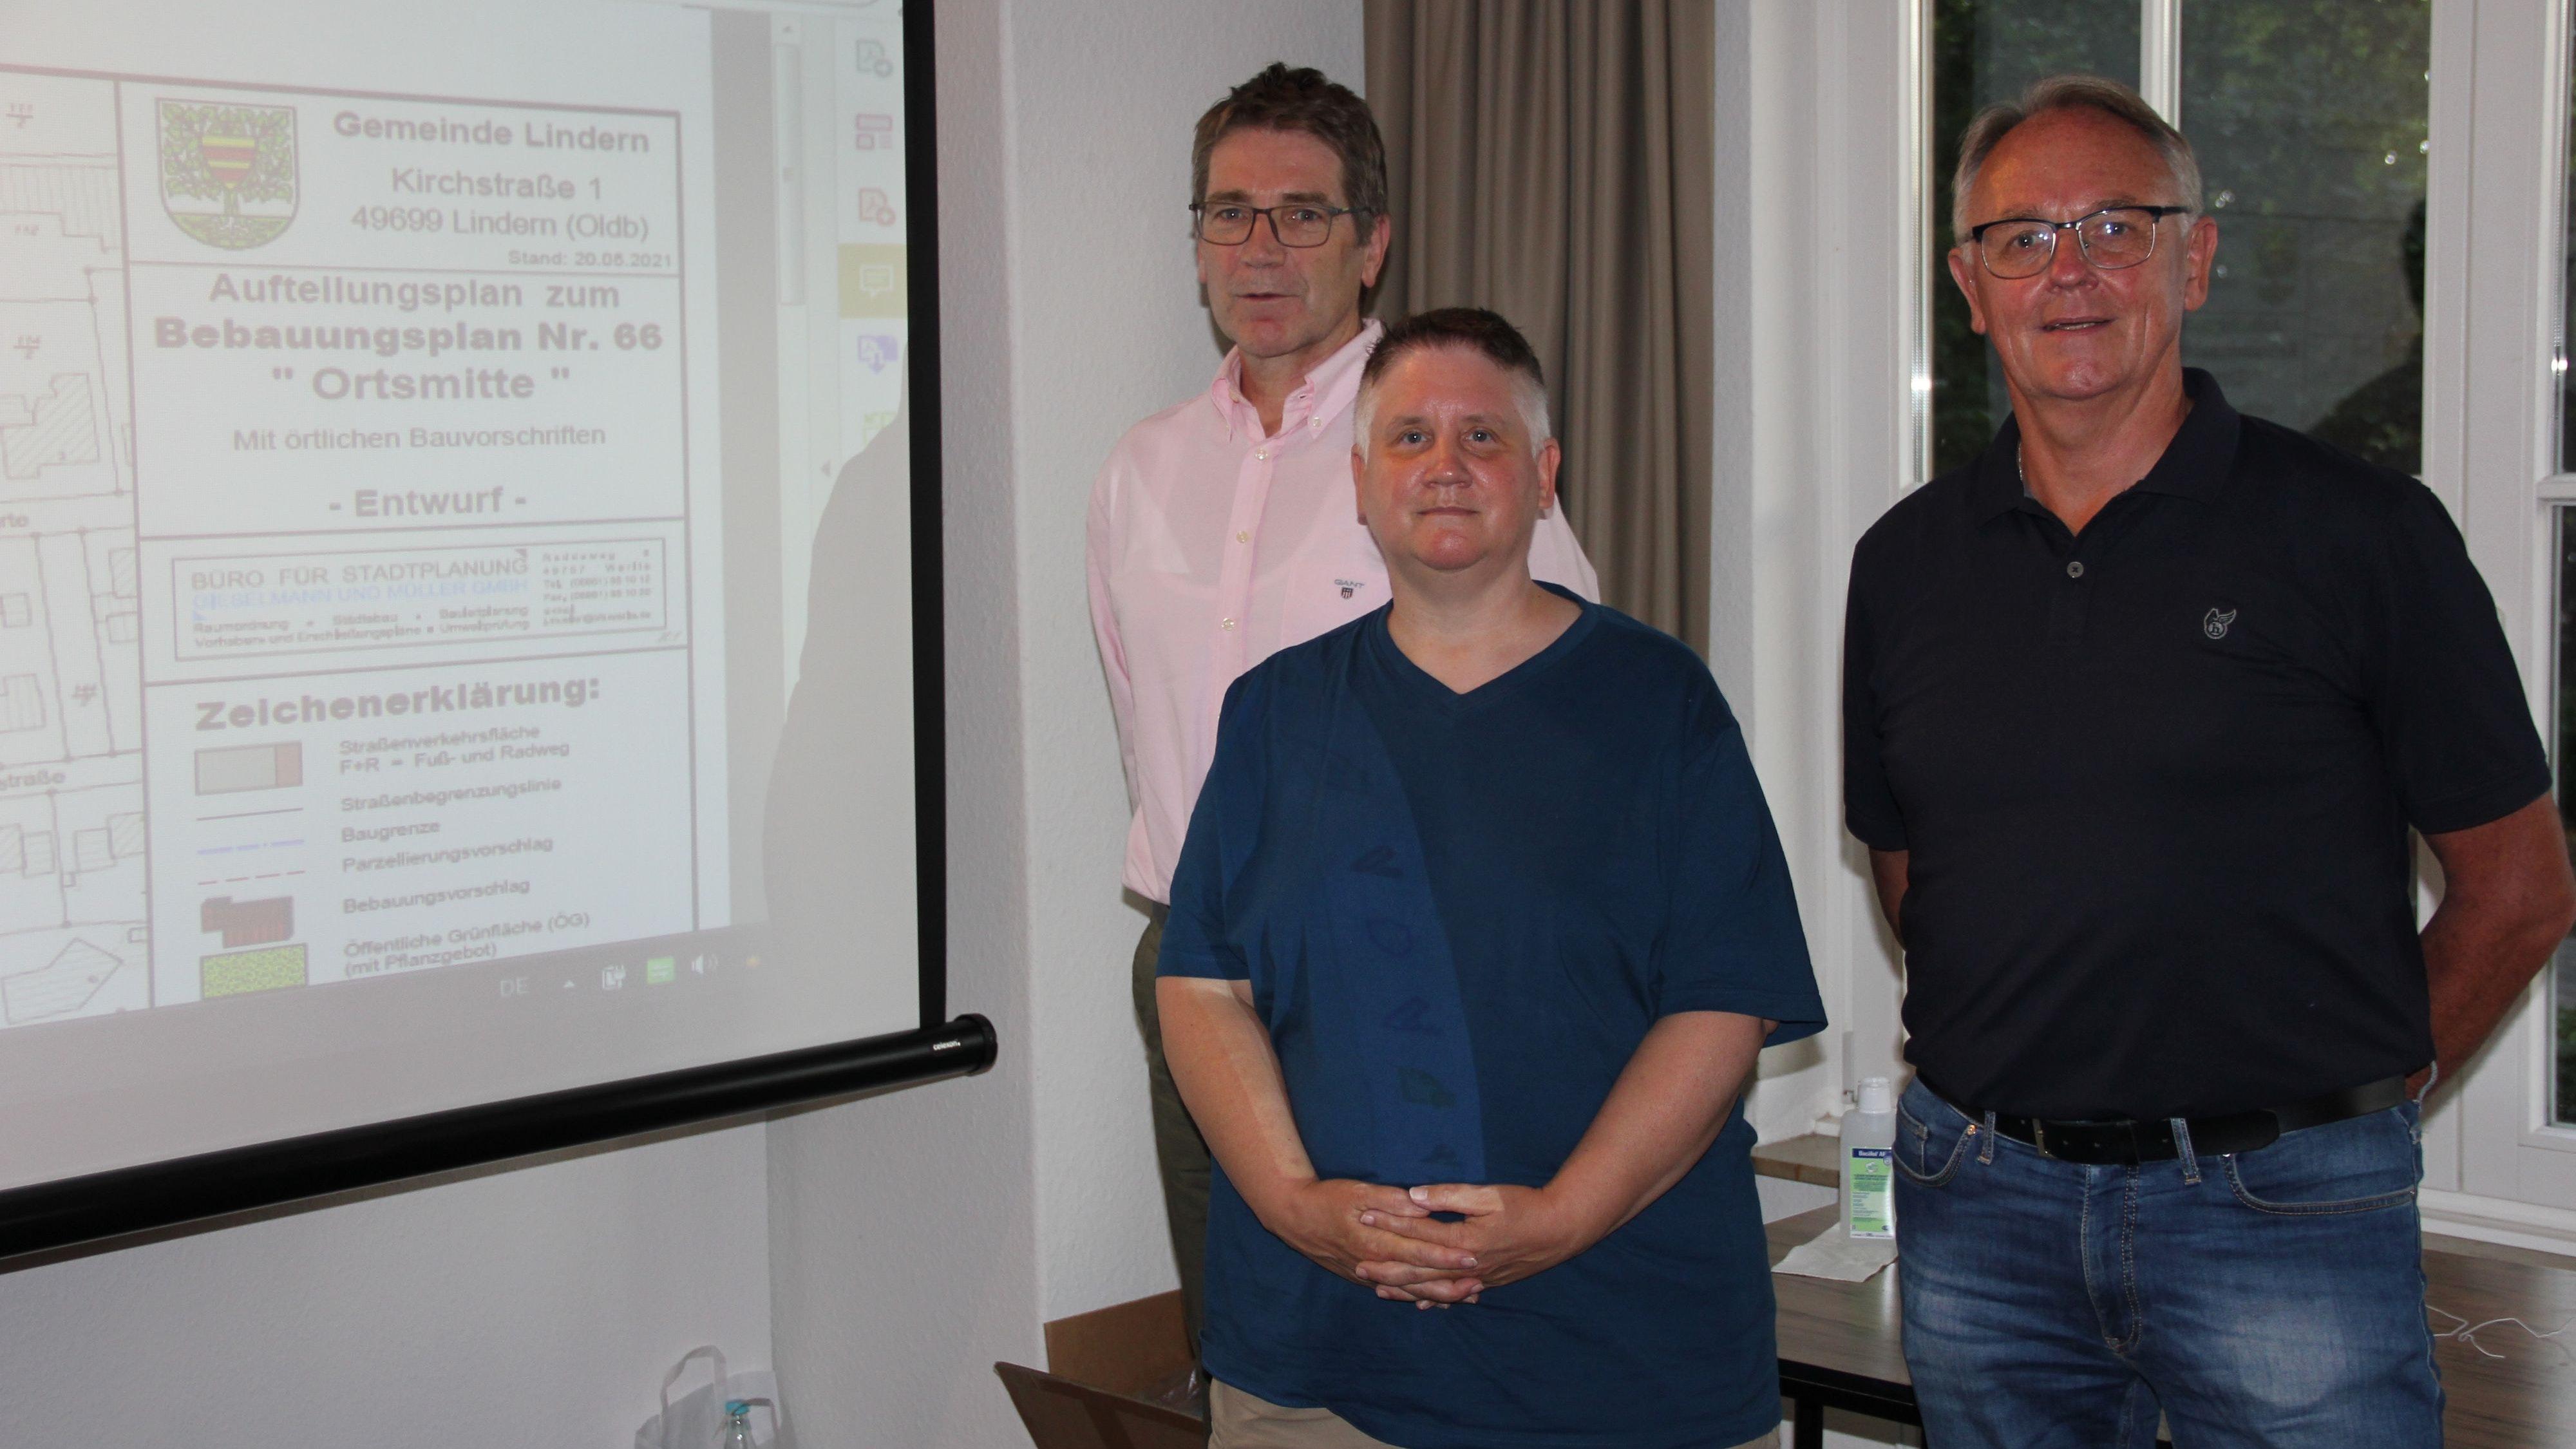 Informieren über die Ausgrabungen: (von links) Bauamtsleiter Thomas Lüken, Dr. phil. Daniela Nordholz und Helmut Künnen. Foto: Kock